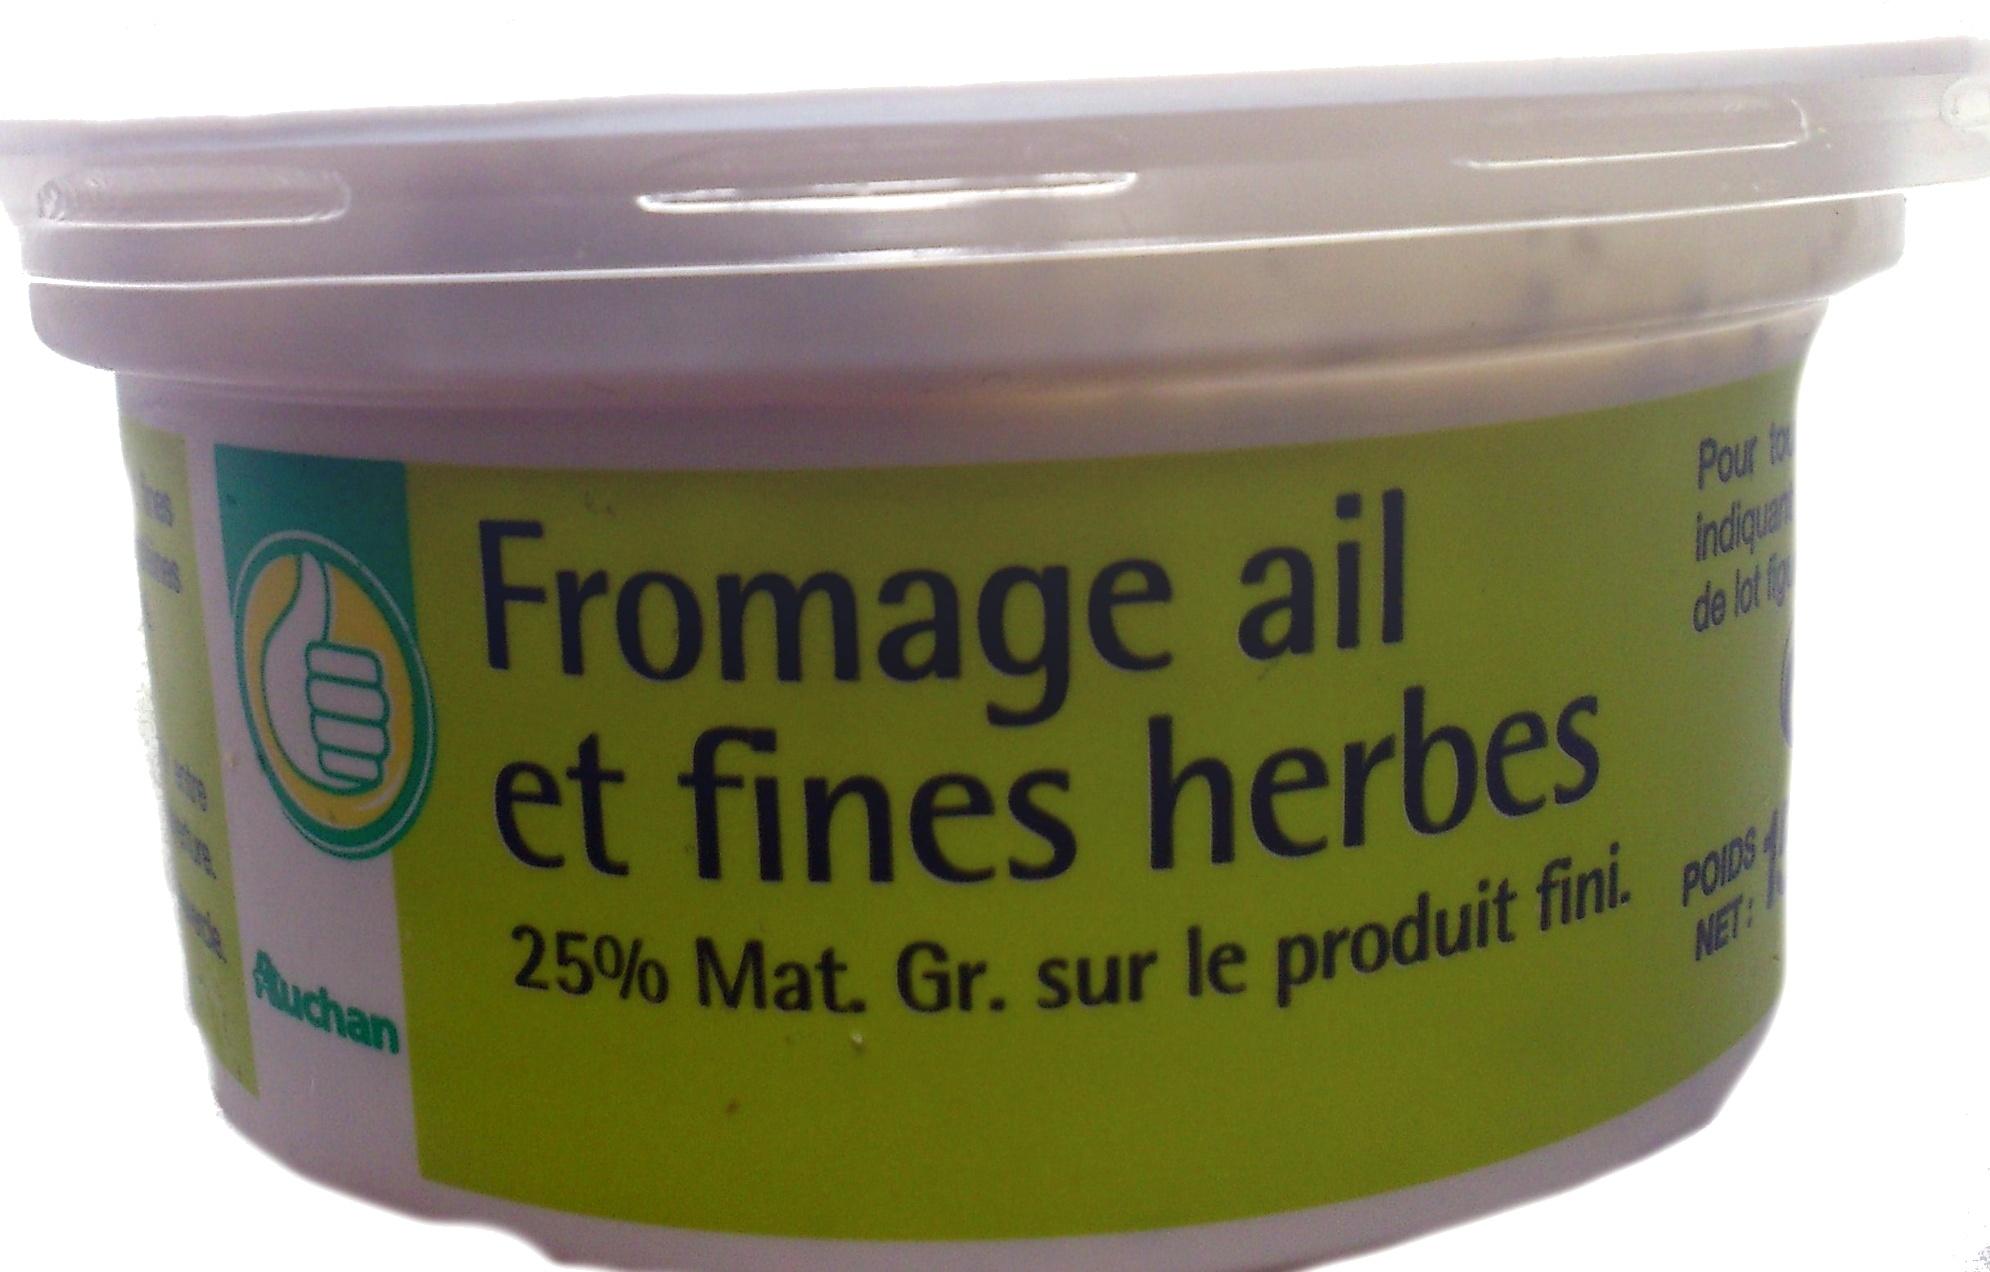 Fromage ail et fines herbes (25 % MG) - Produit - fr